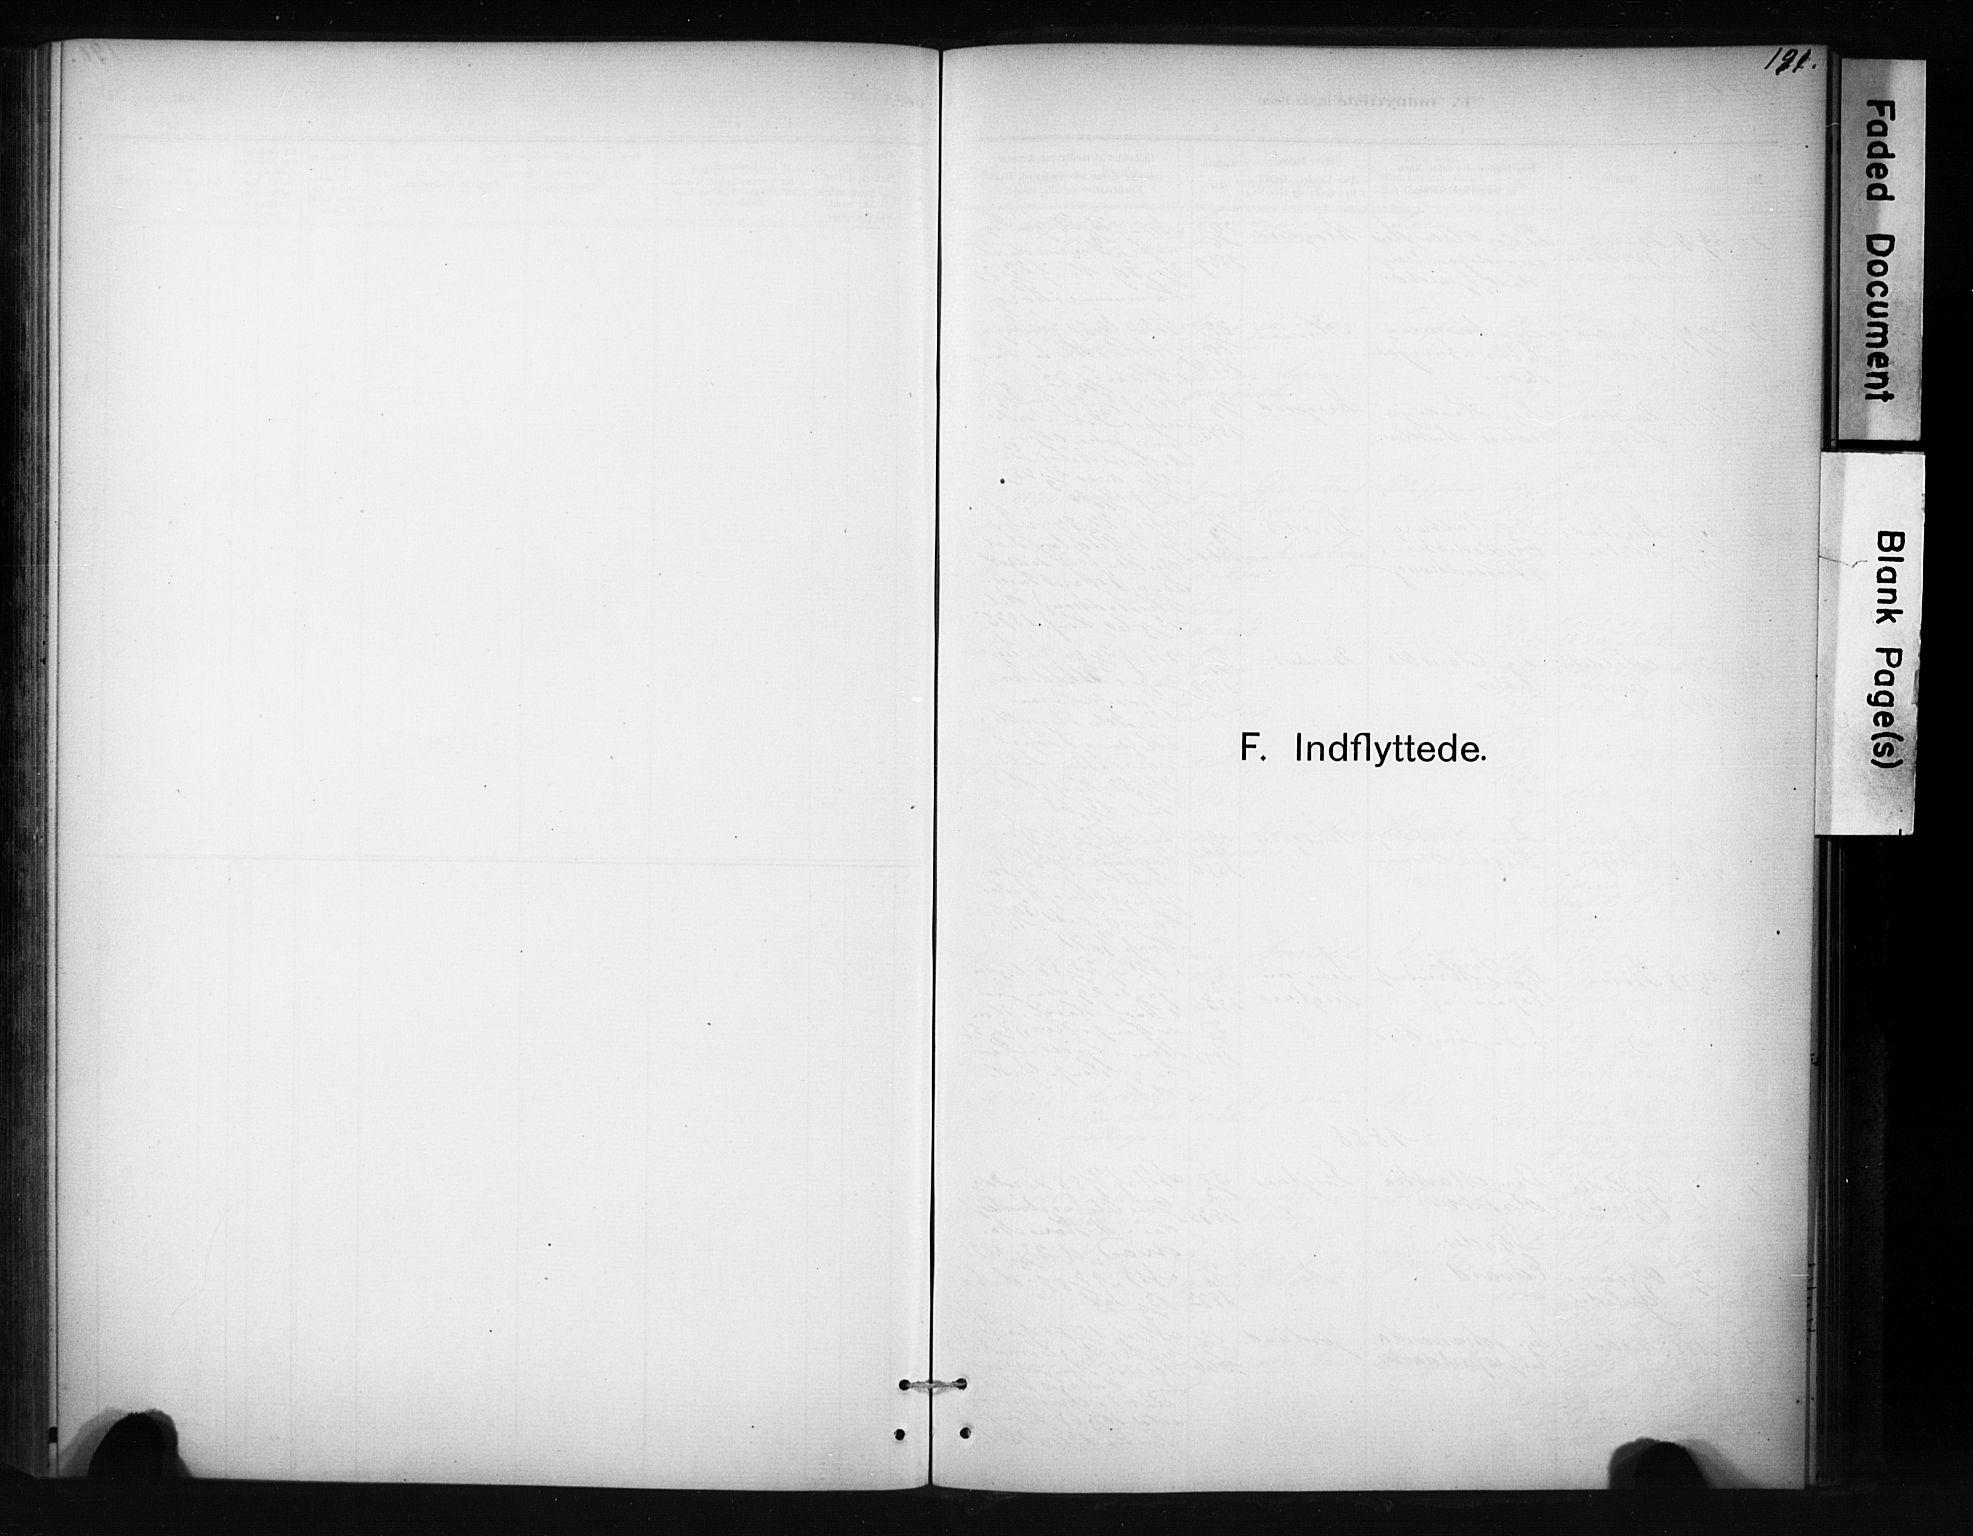 SAT, Ministerialprotokoller, klokkerbøker og fødselsregistre - Sør-Trøndelag, 694/L1127: Ministerialbok nr. 694A01, 1887-1905, s. 191